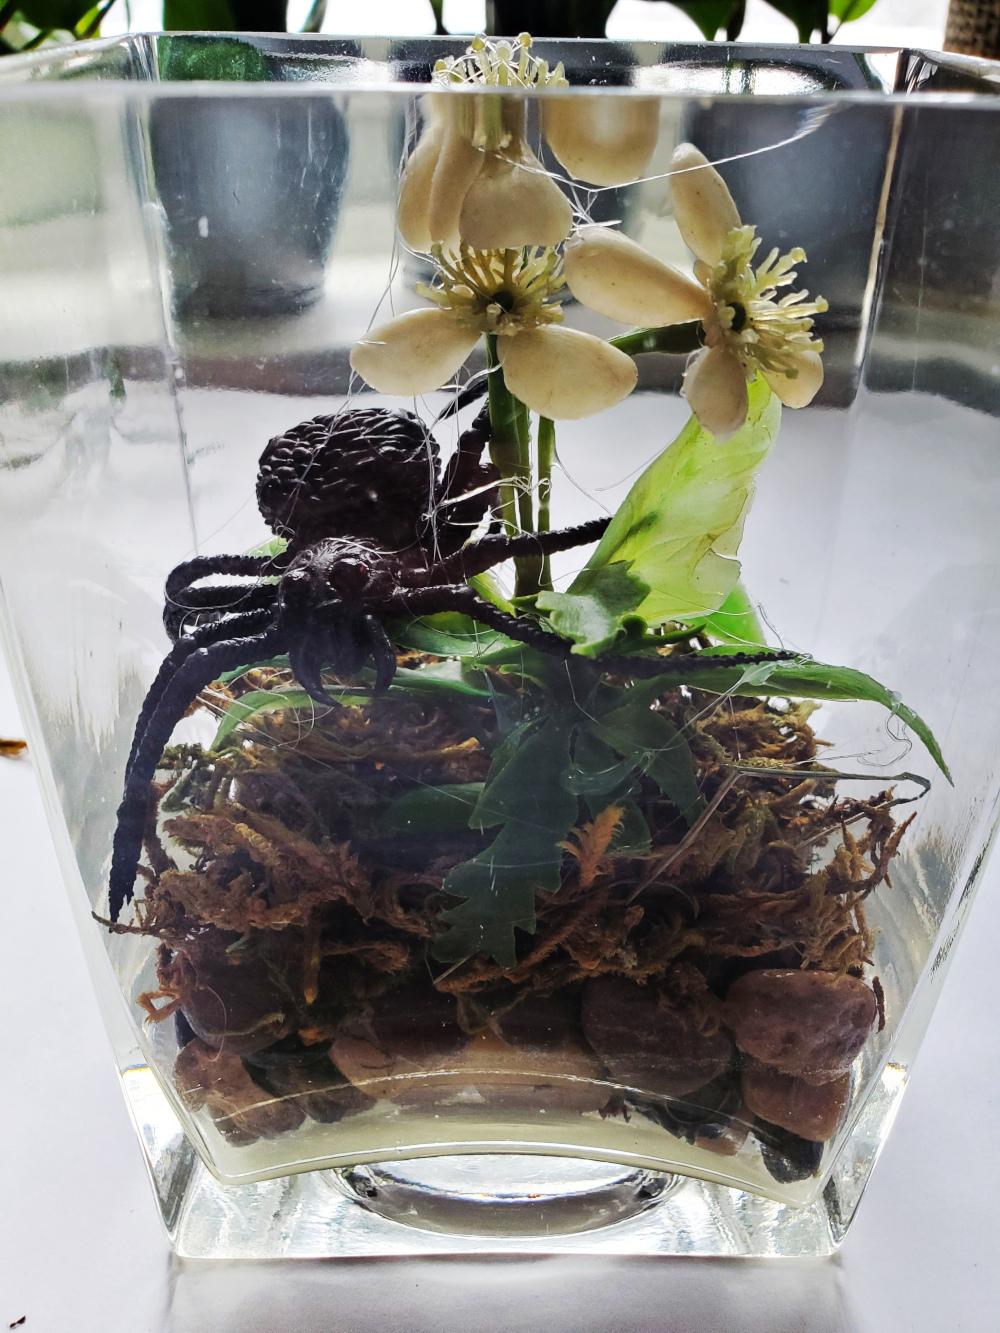 How to make a creepy terrarium